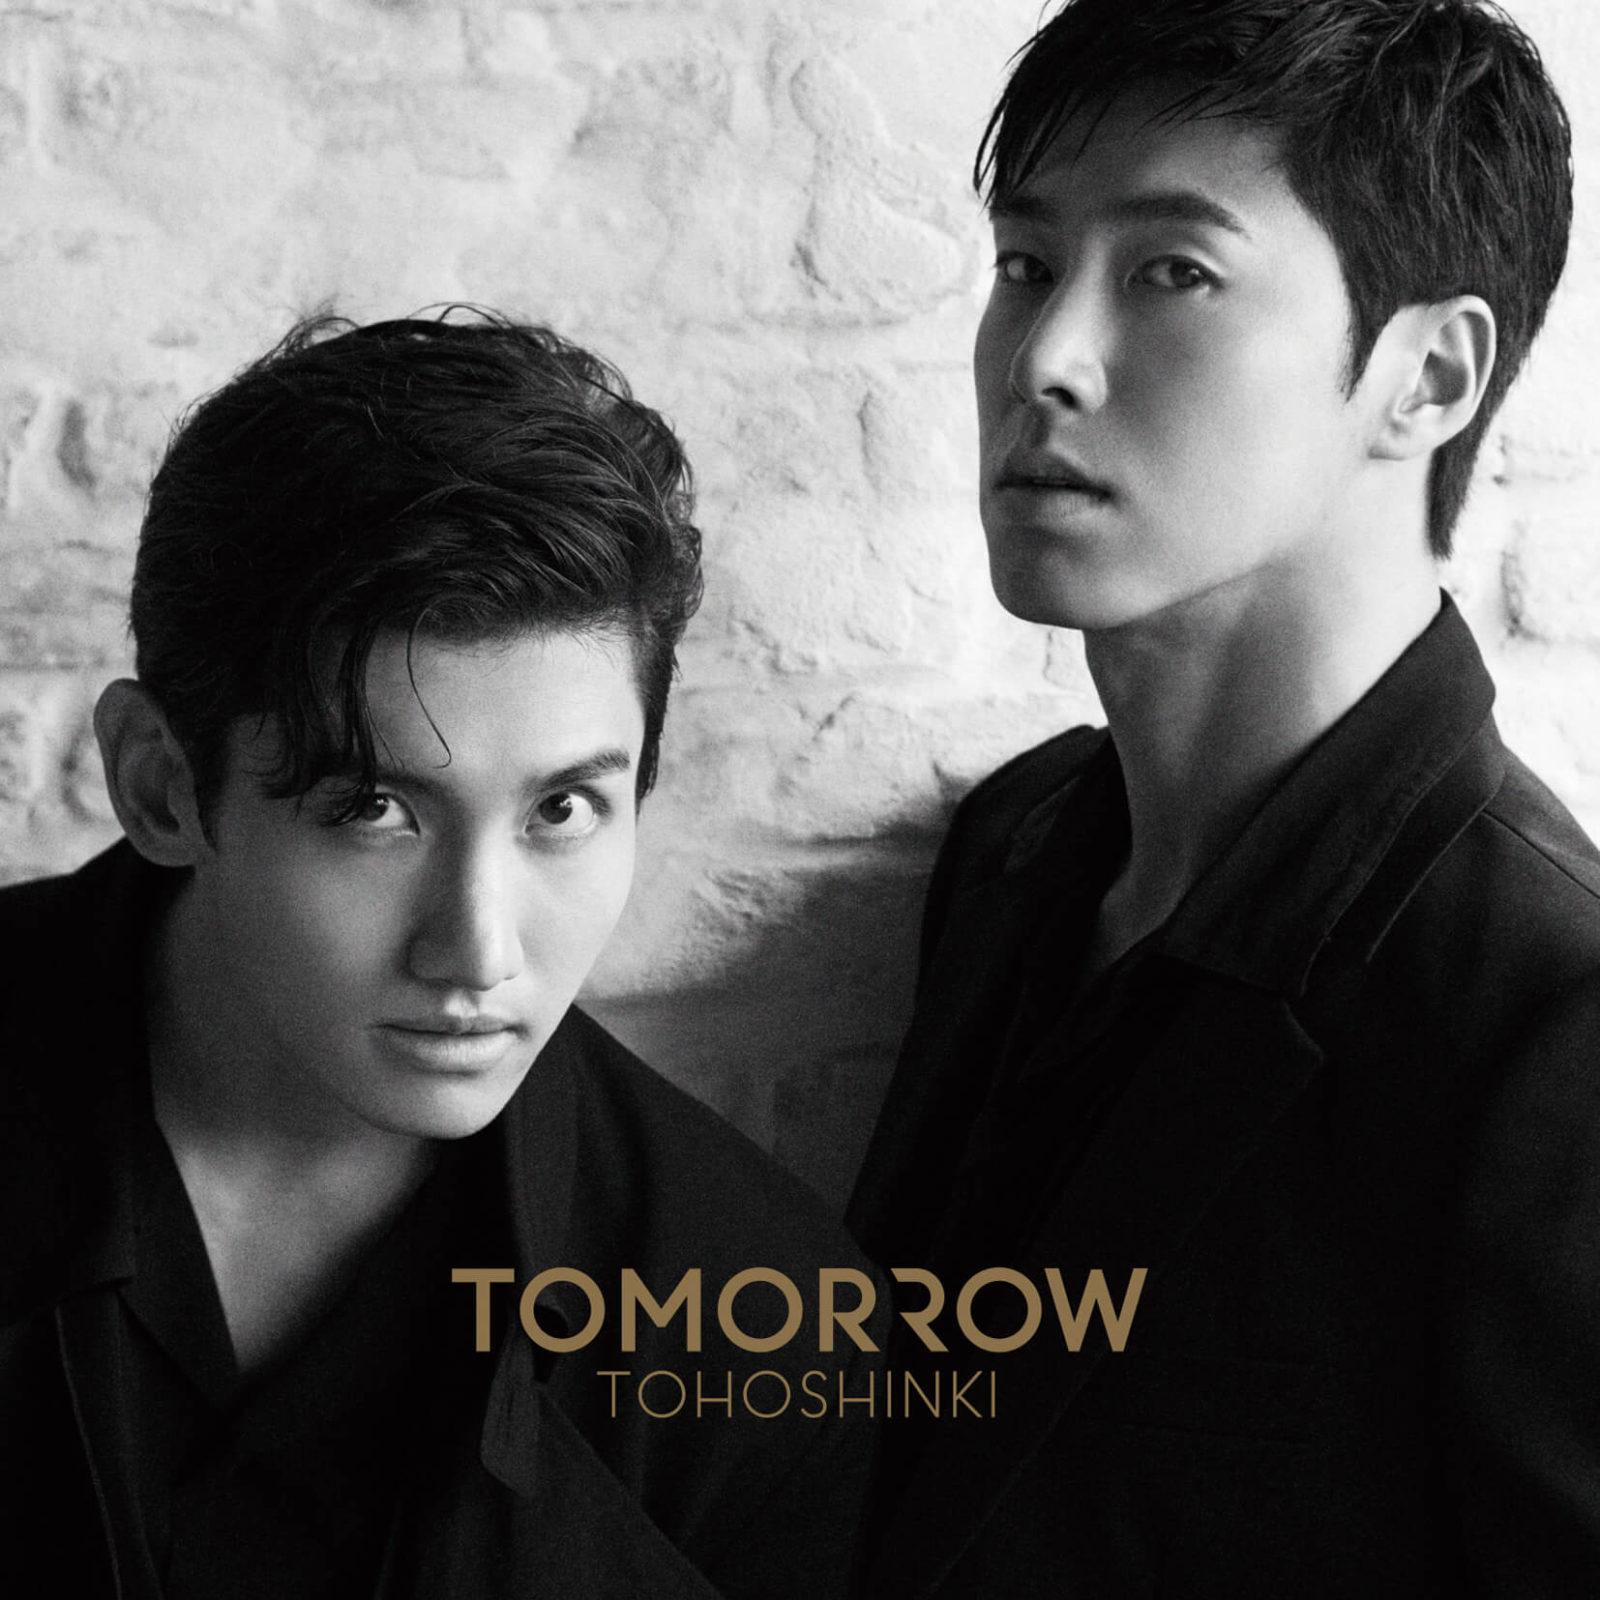 東方神起、ALBUM「TOMORROW」新ビジュアル公開が早くも話題にサムネイル画像